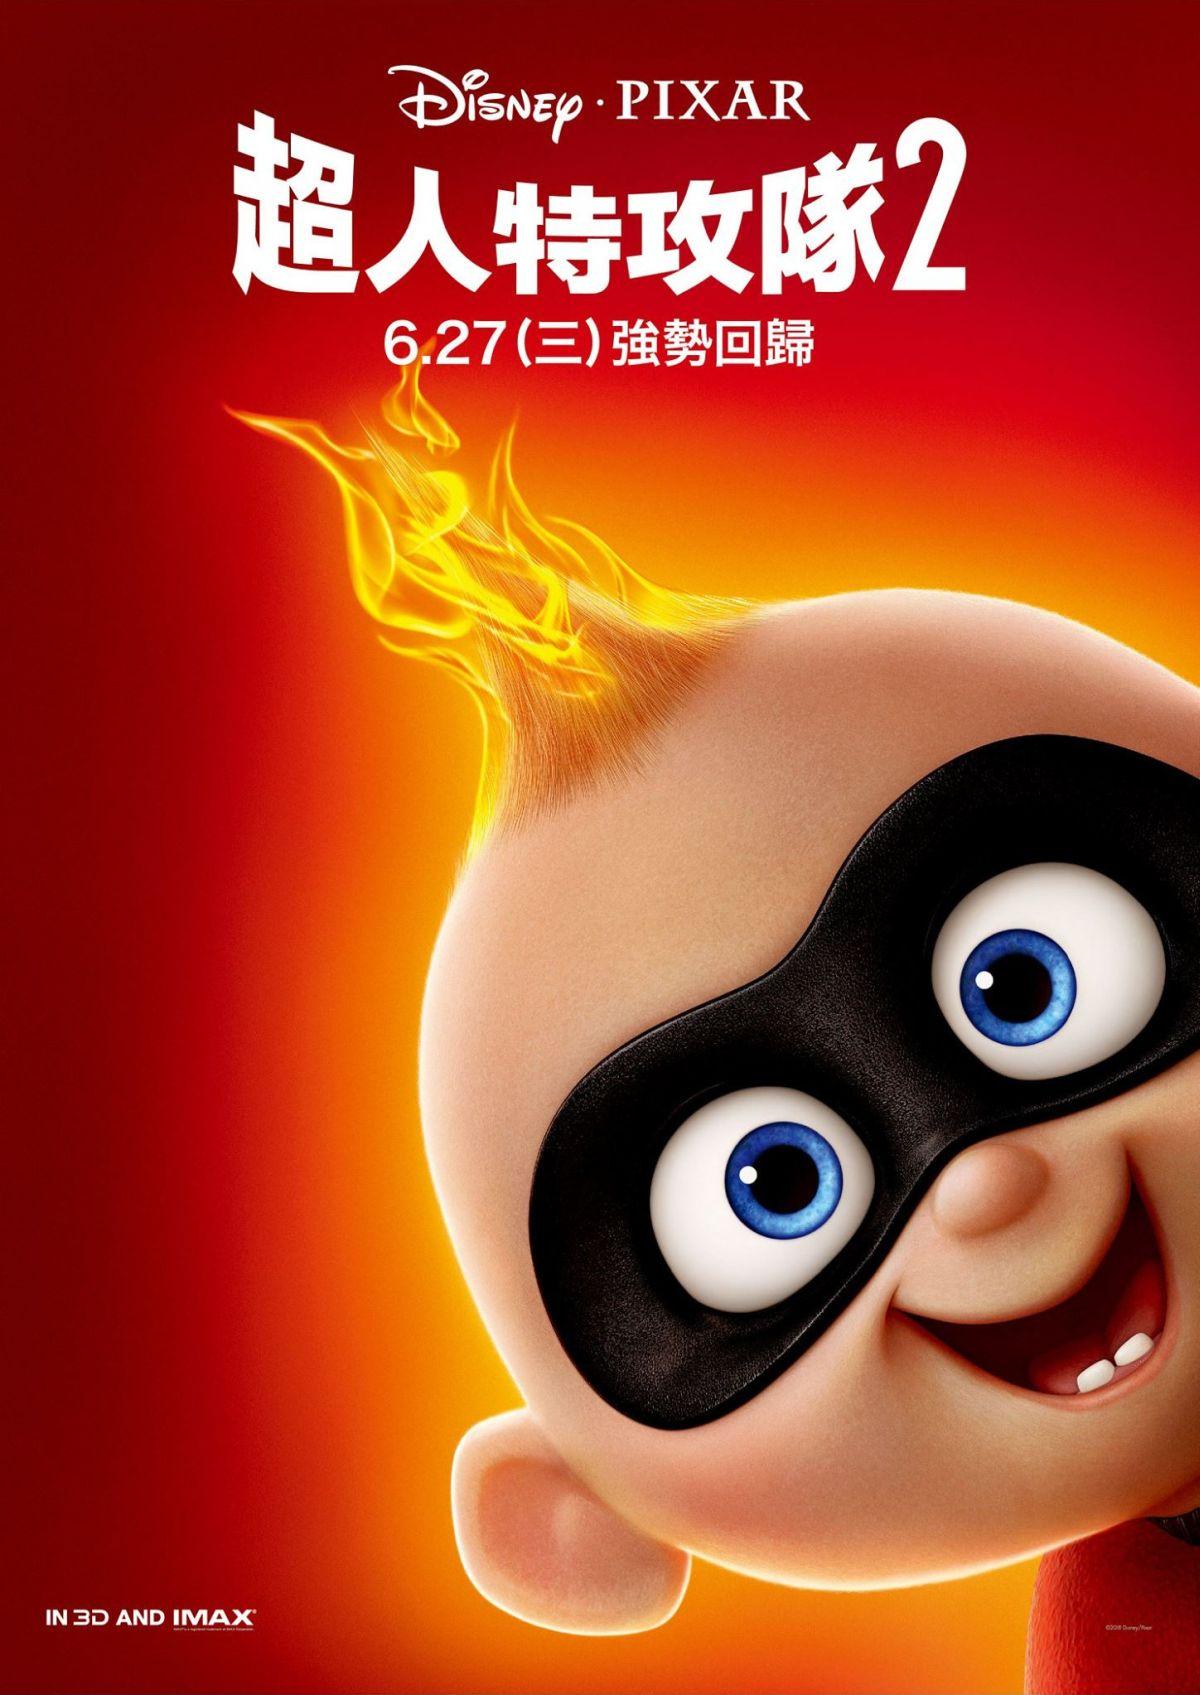 Gli incredibili 2: un character poster del film animato